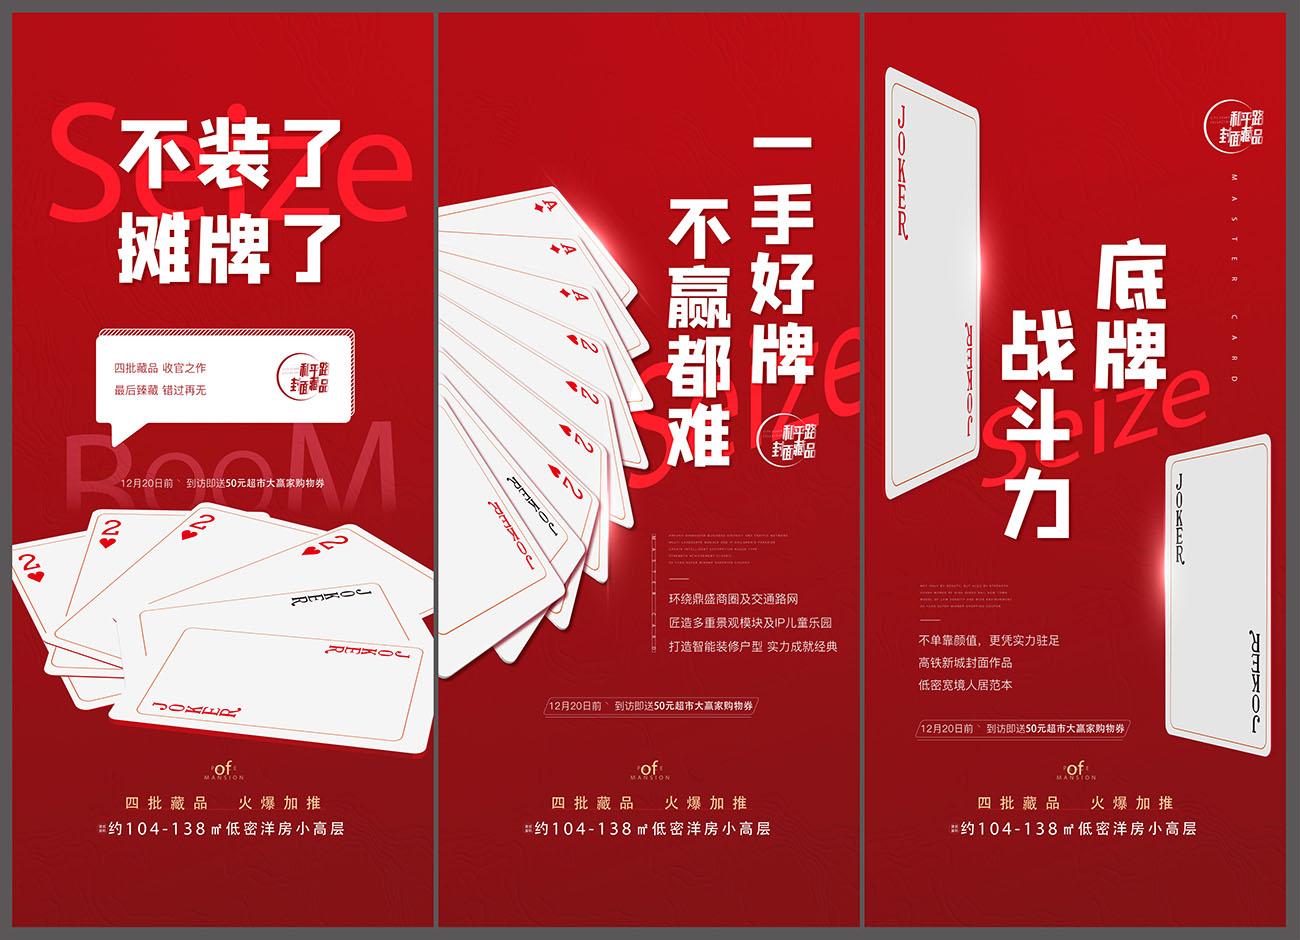 创意扑克牌热销人气系列海报AI源文件插图